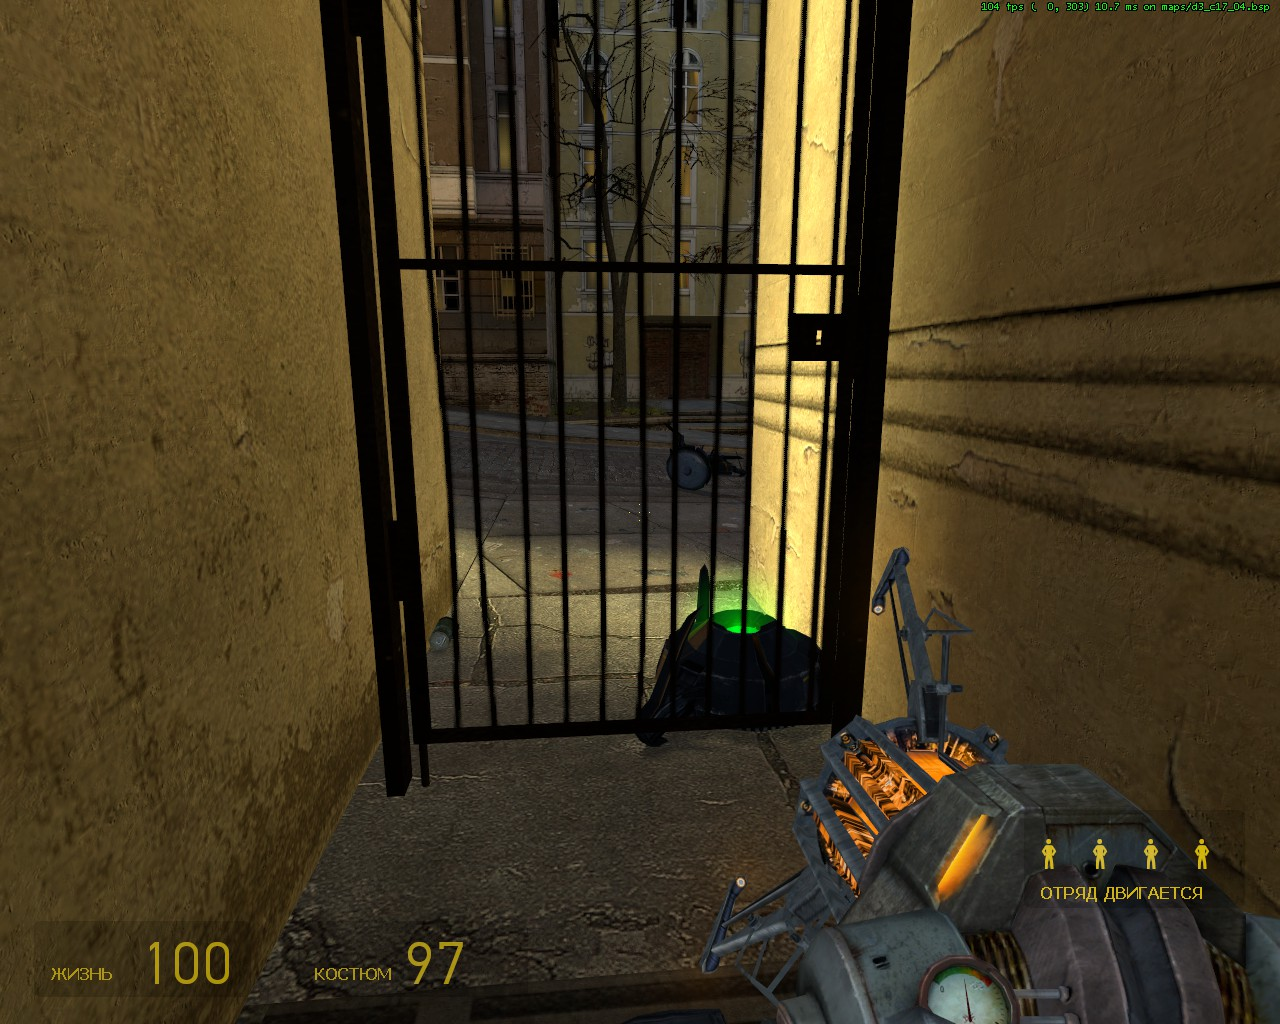 d3_c17_040009.jpg - Half-Life 2